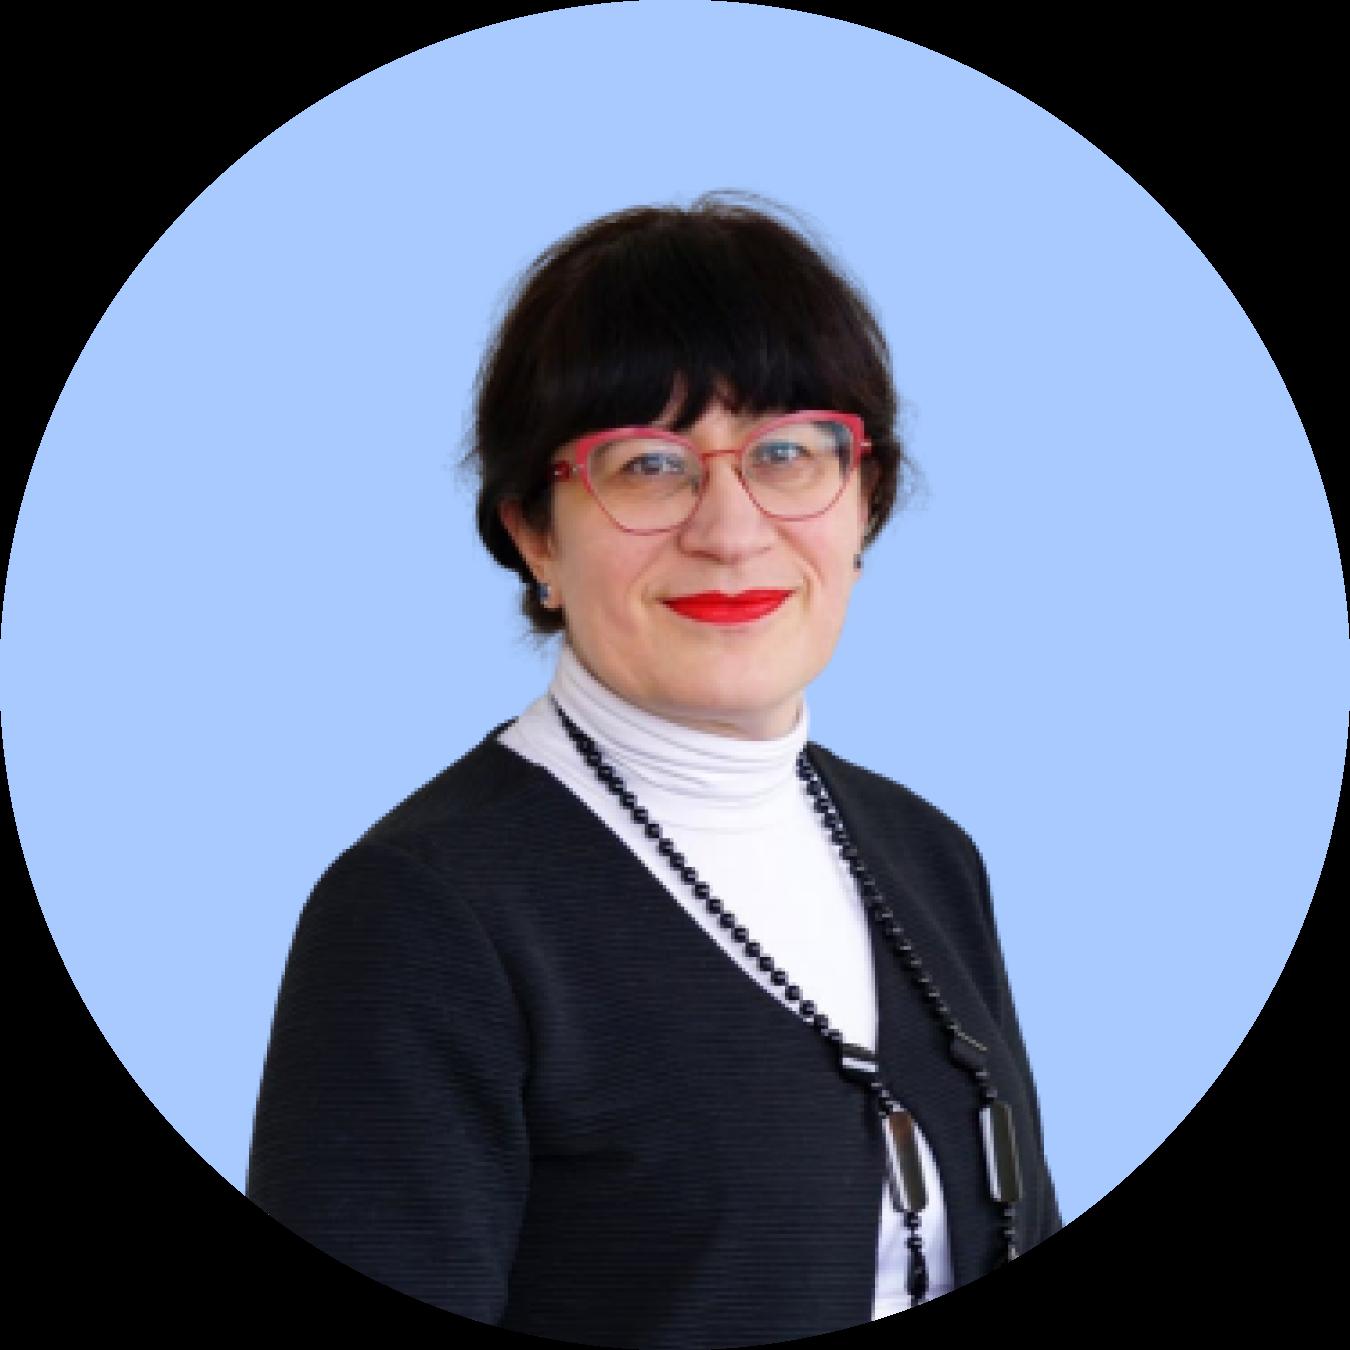 Єременко Олена